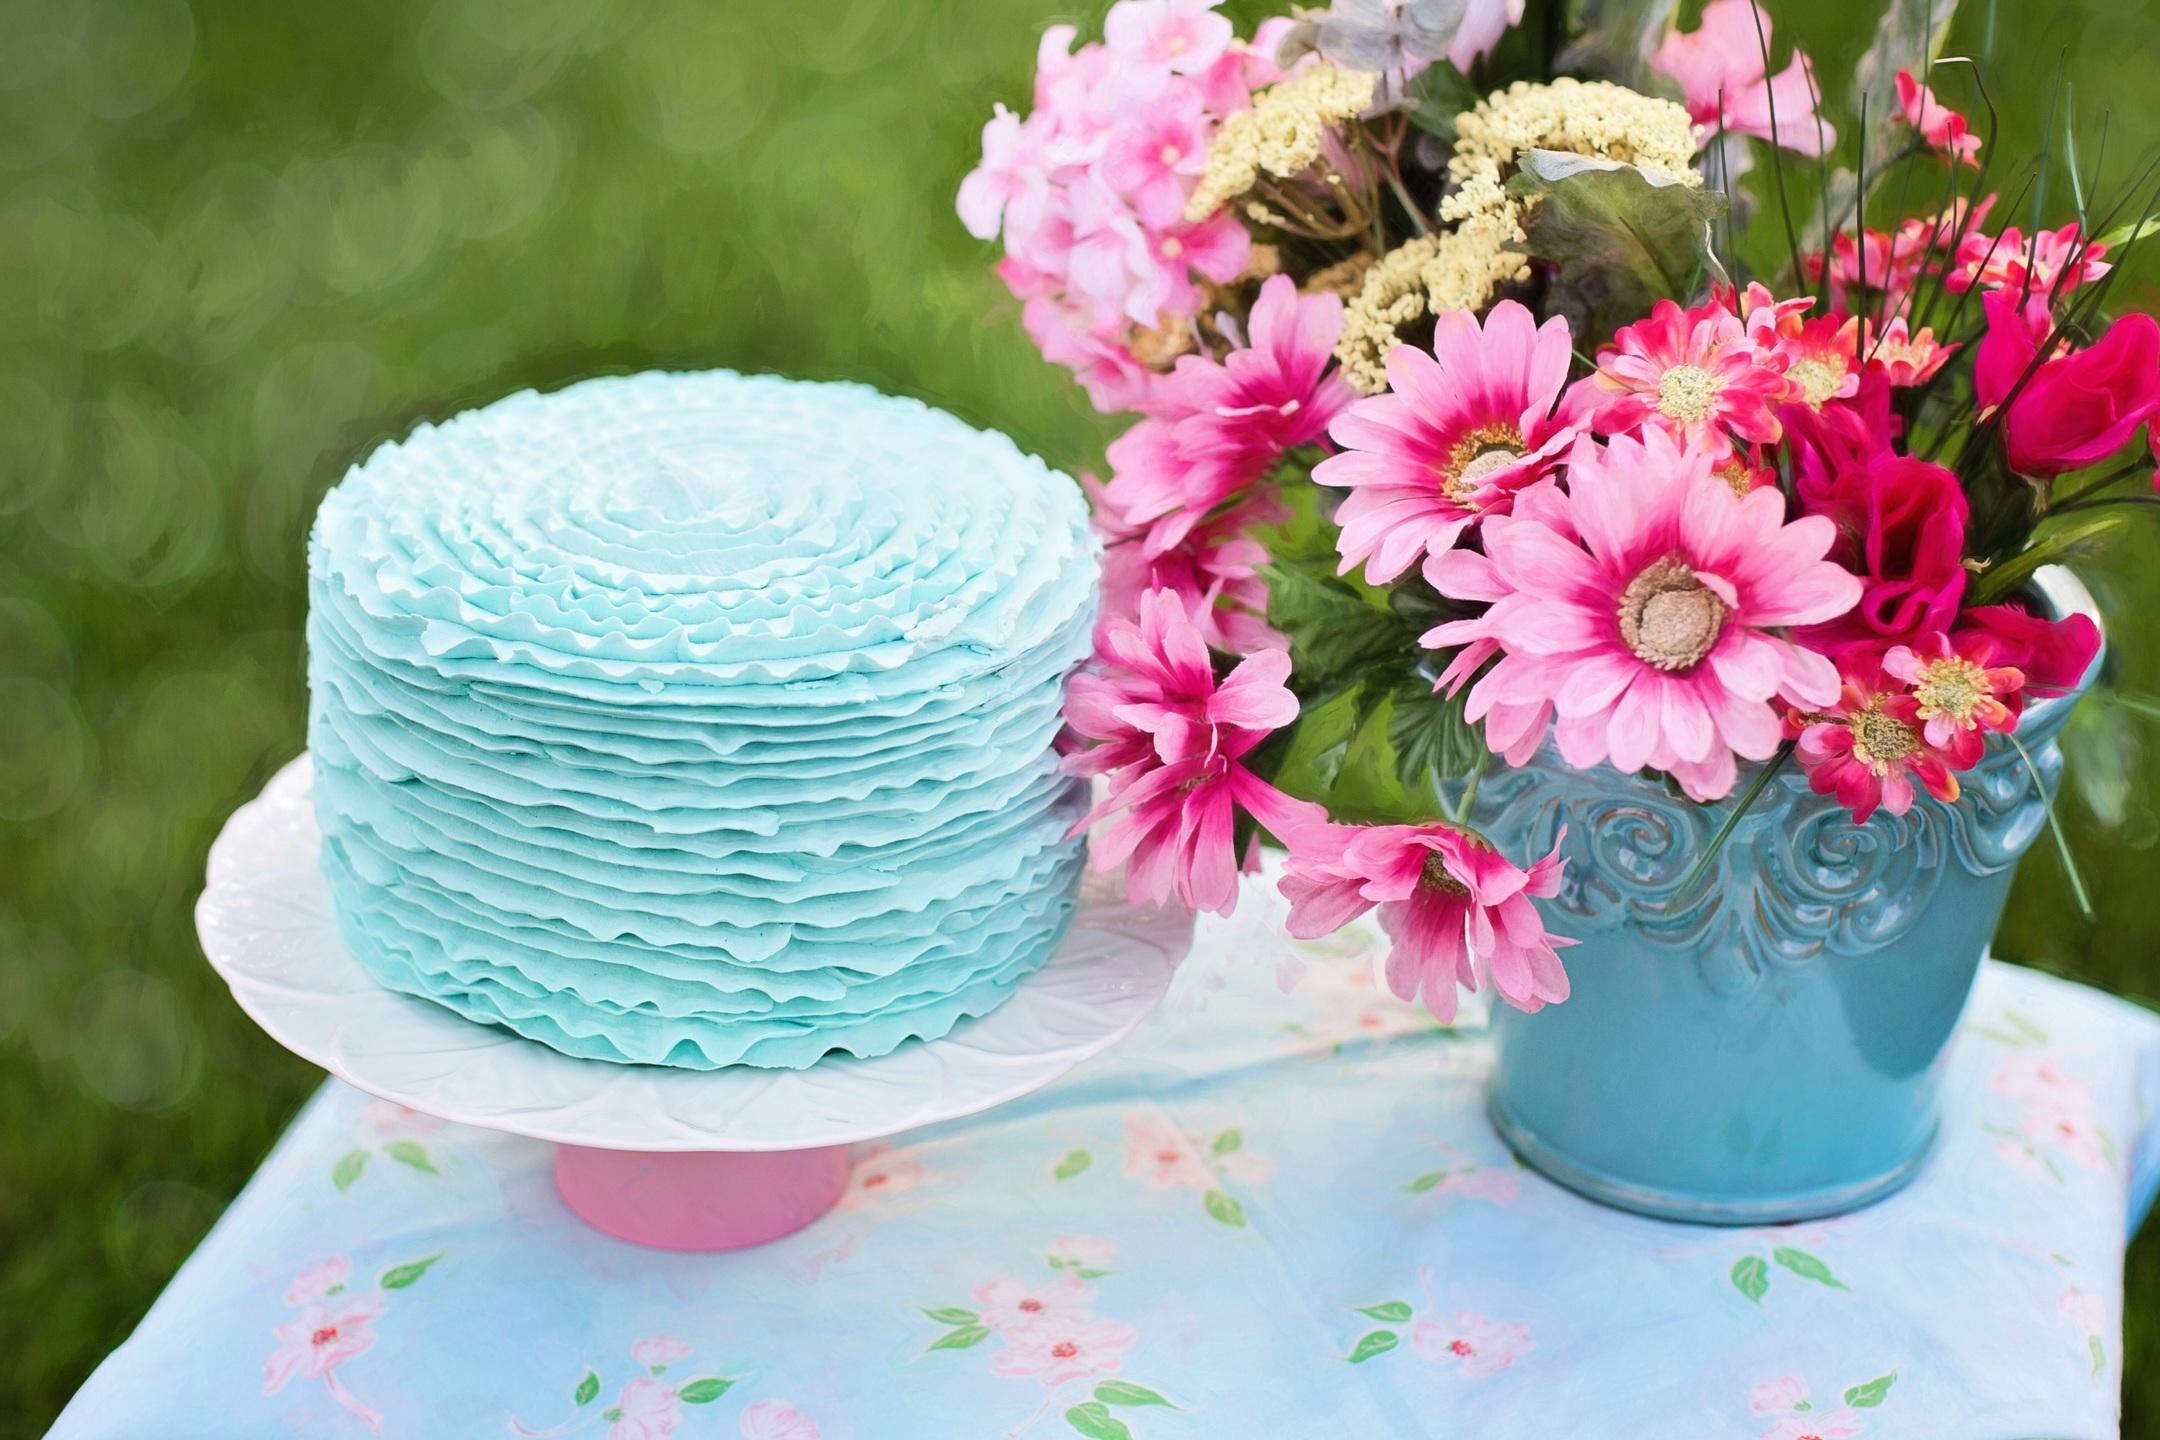 Regalar flores para cumpleaños infantiles - 7 buenas ideas para regalar